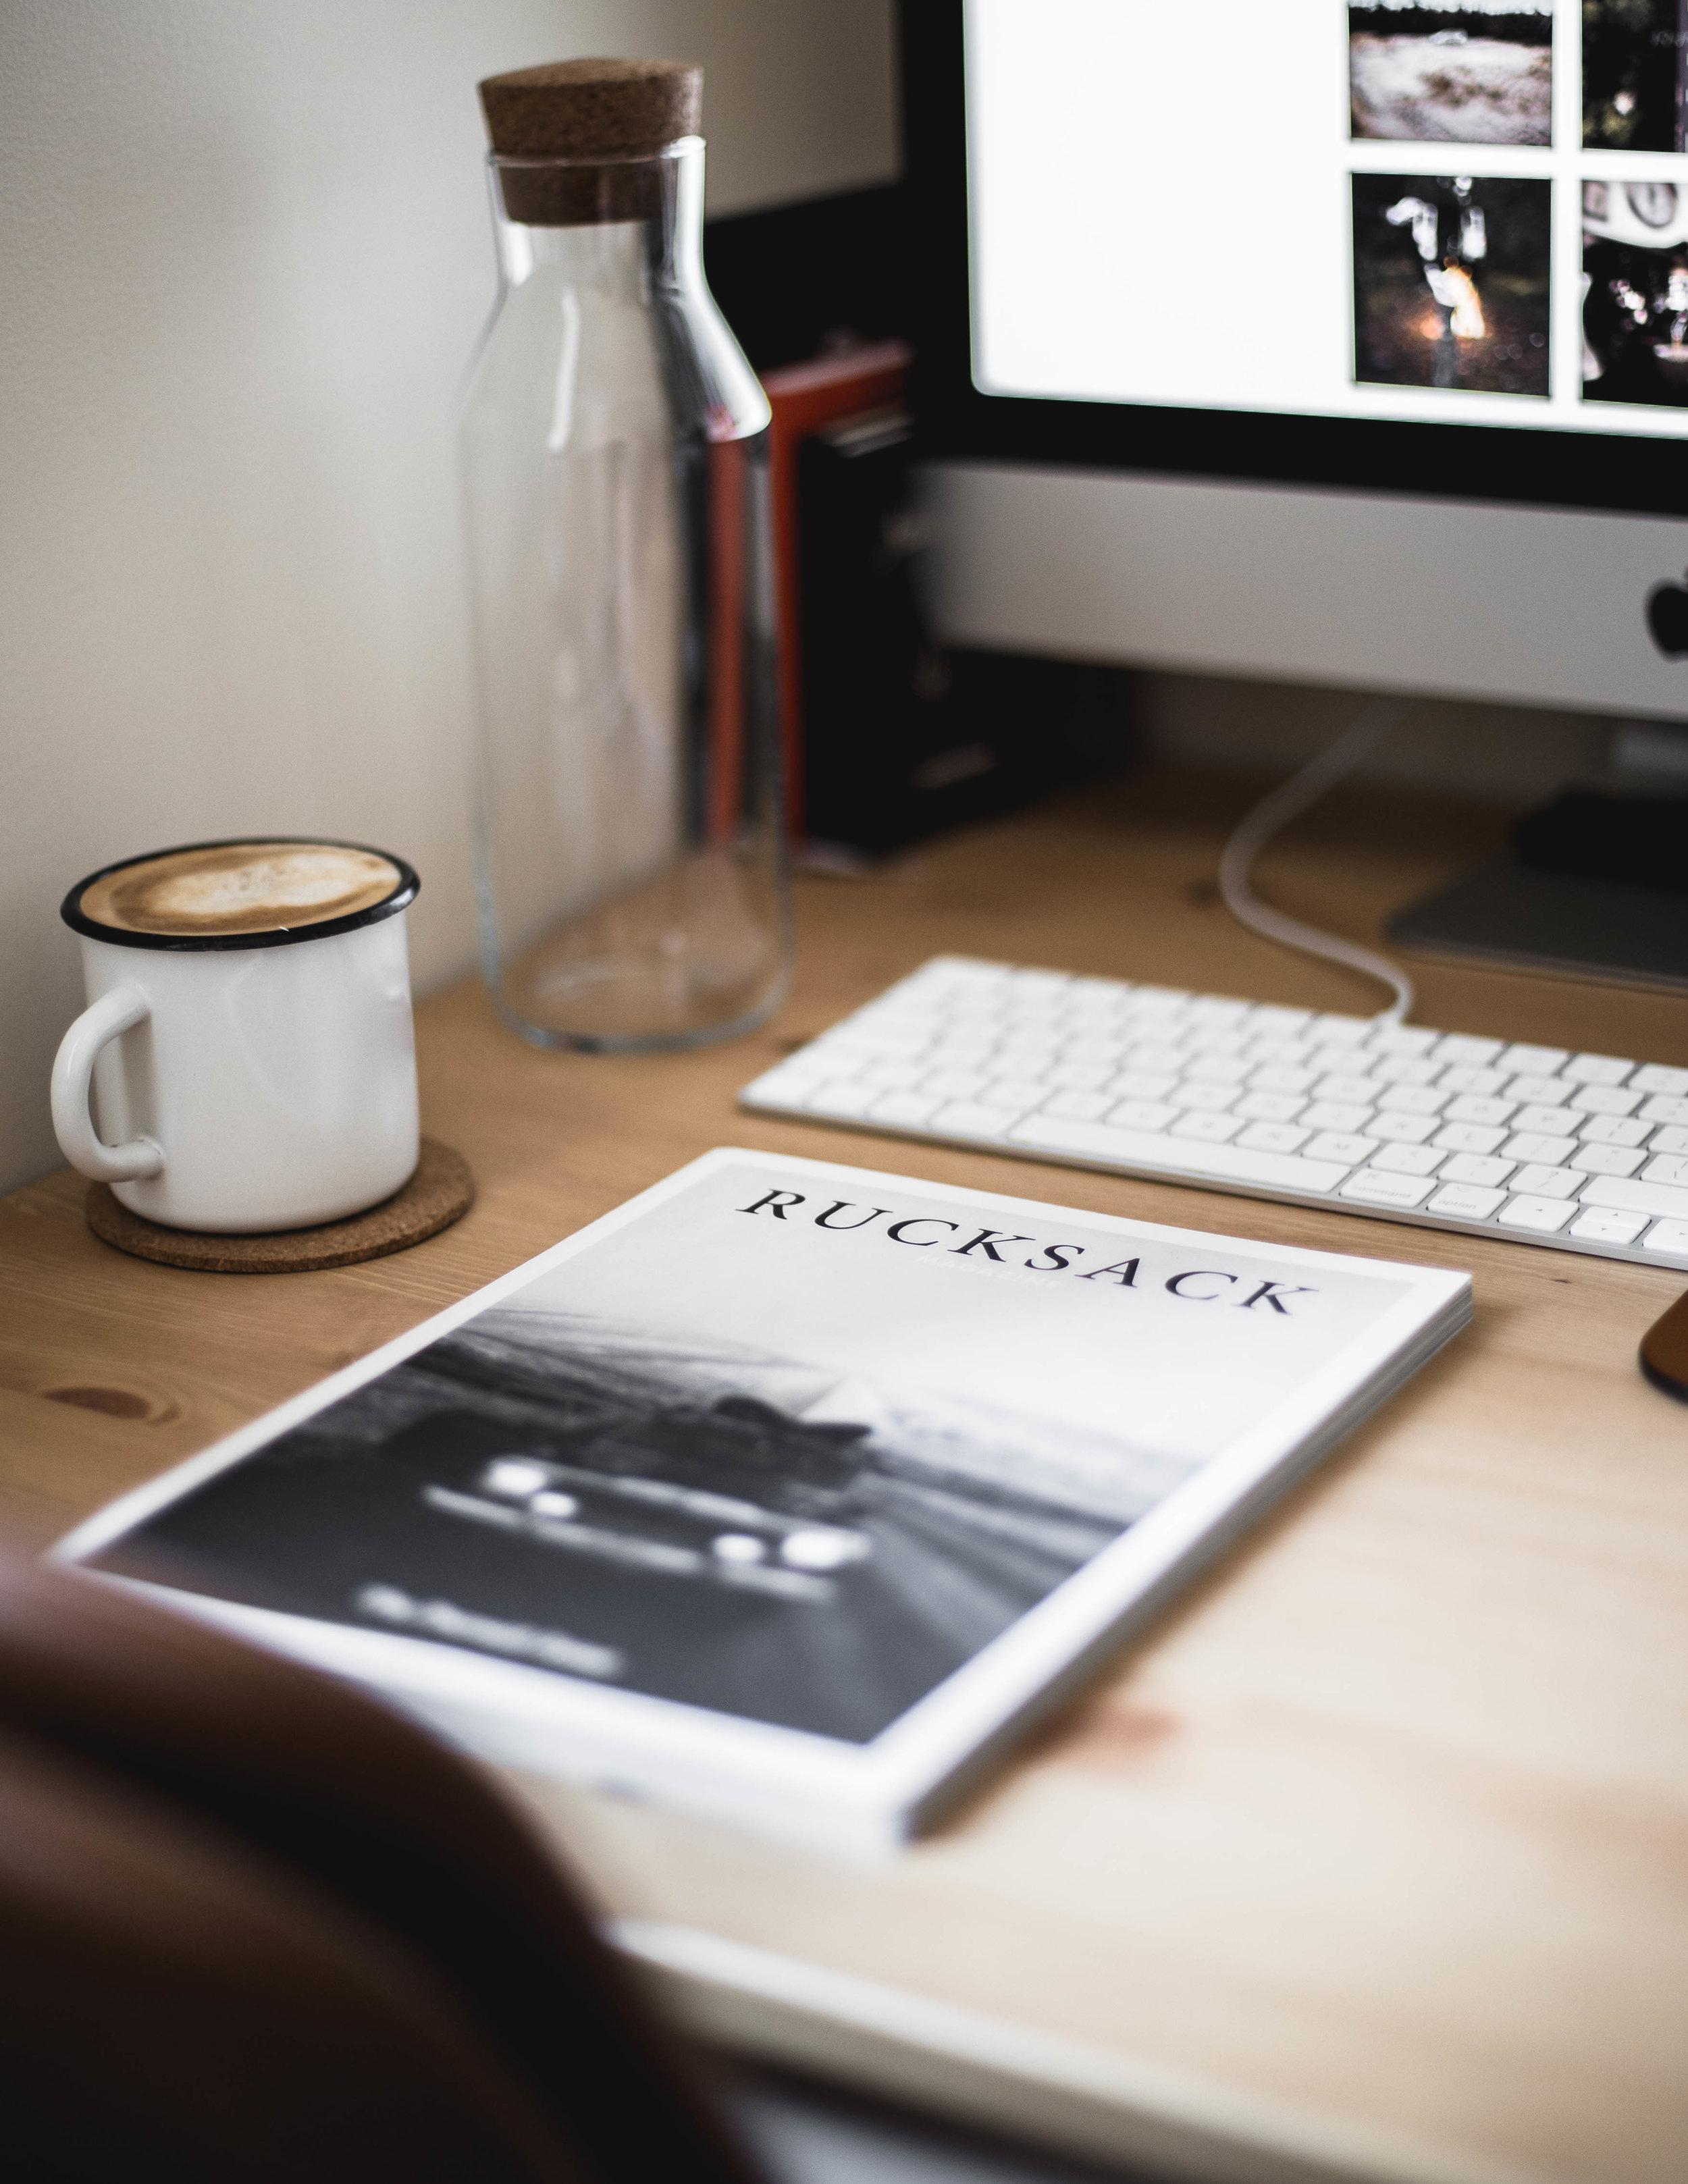 Featured on Rucksack Online Journal